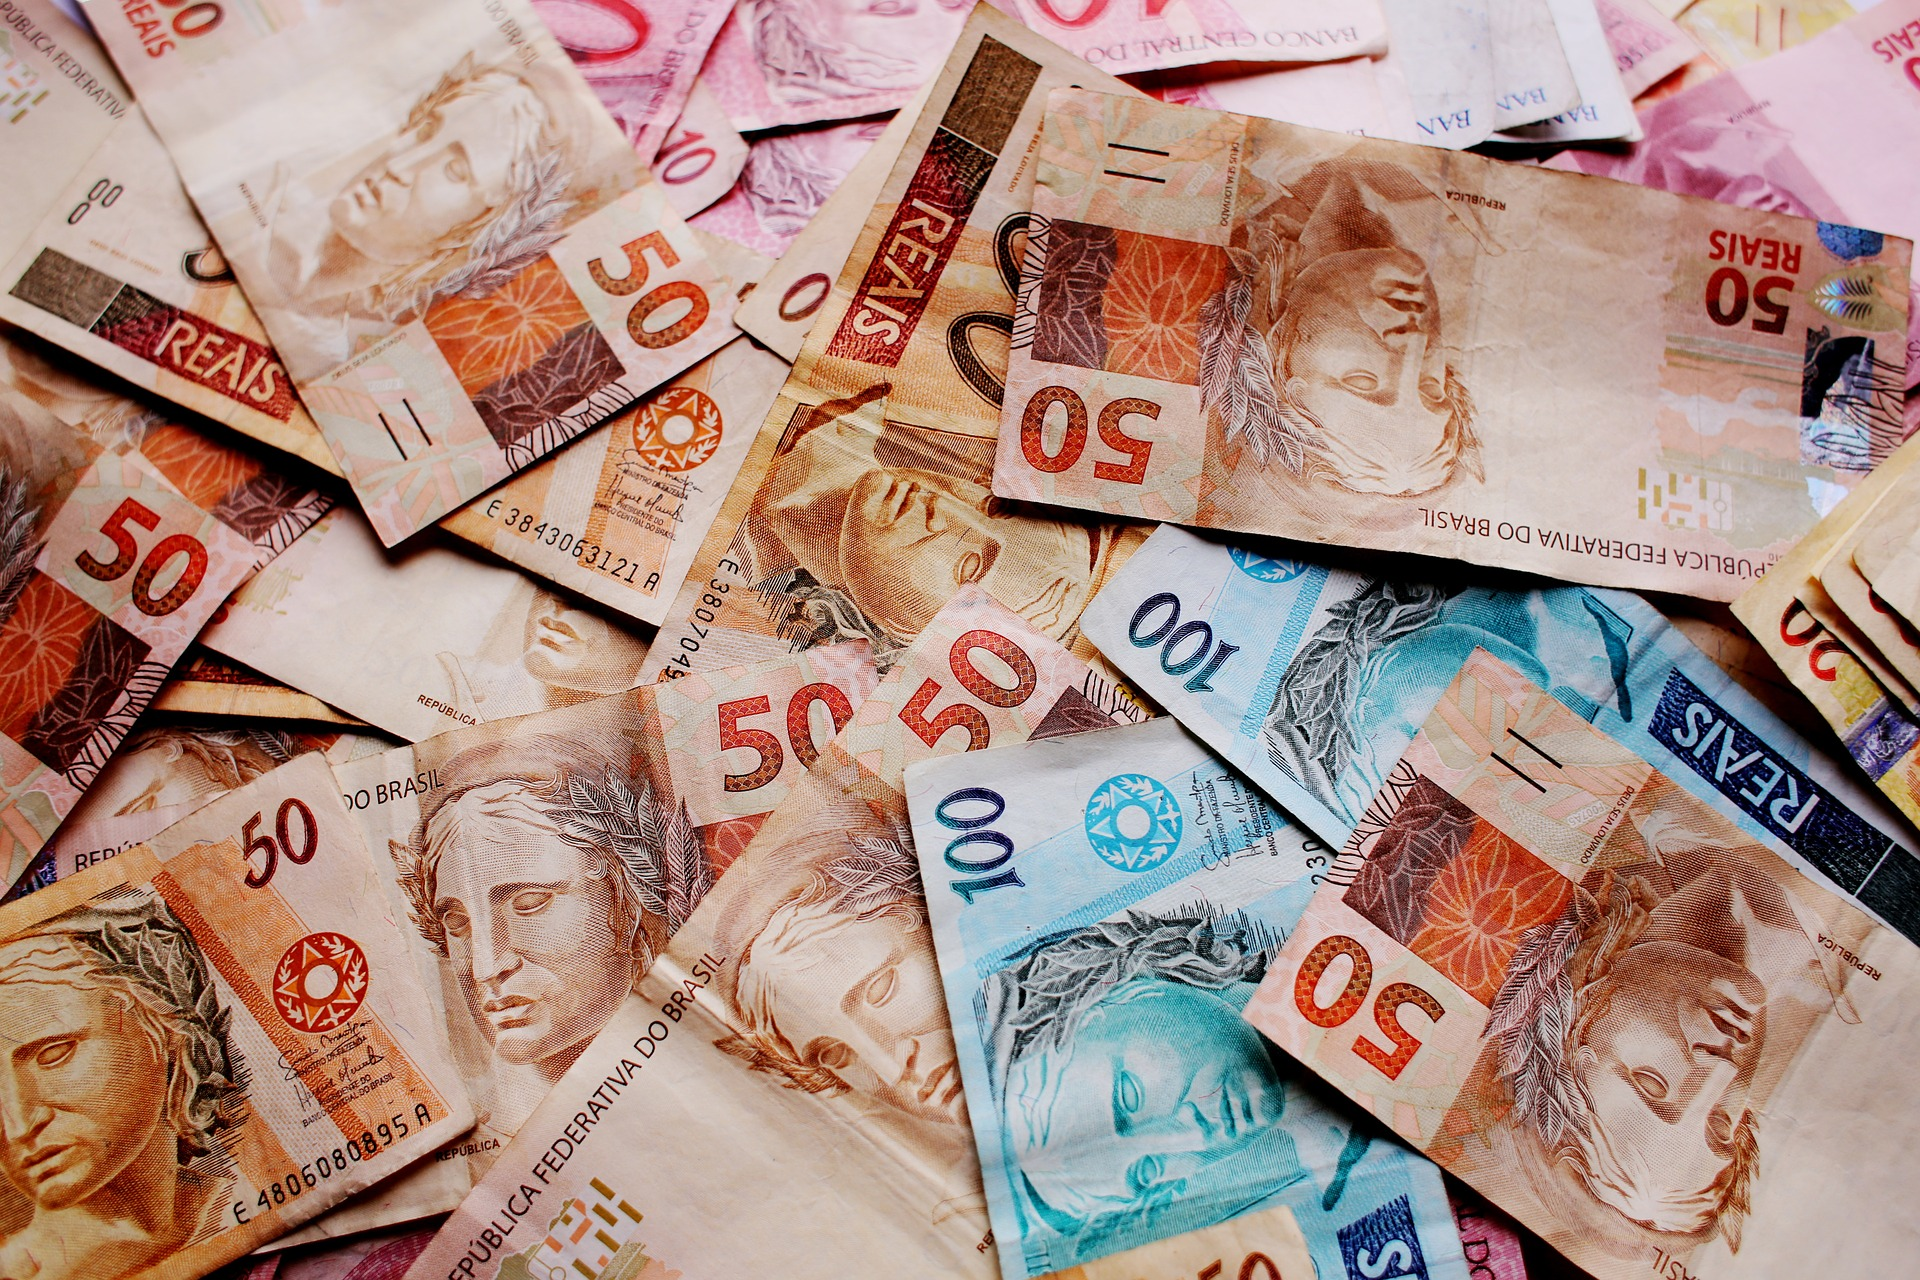 Lucro do BNDES no terceiro trimestre é de R$ 1,6 bilhão